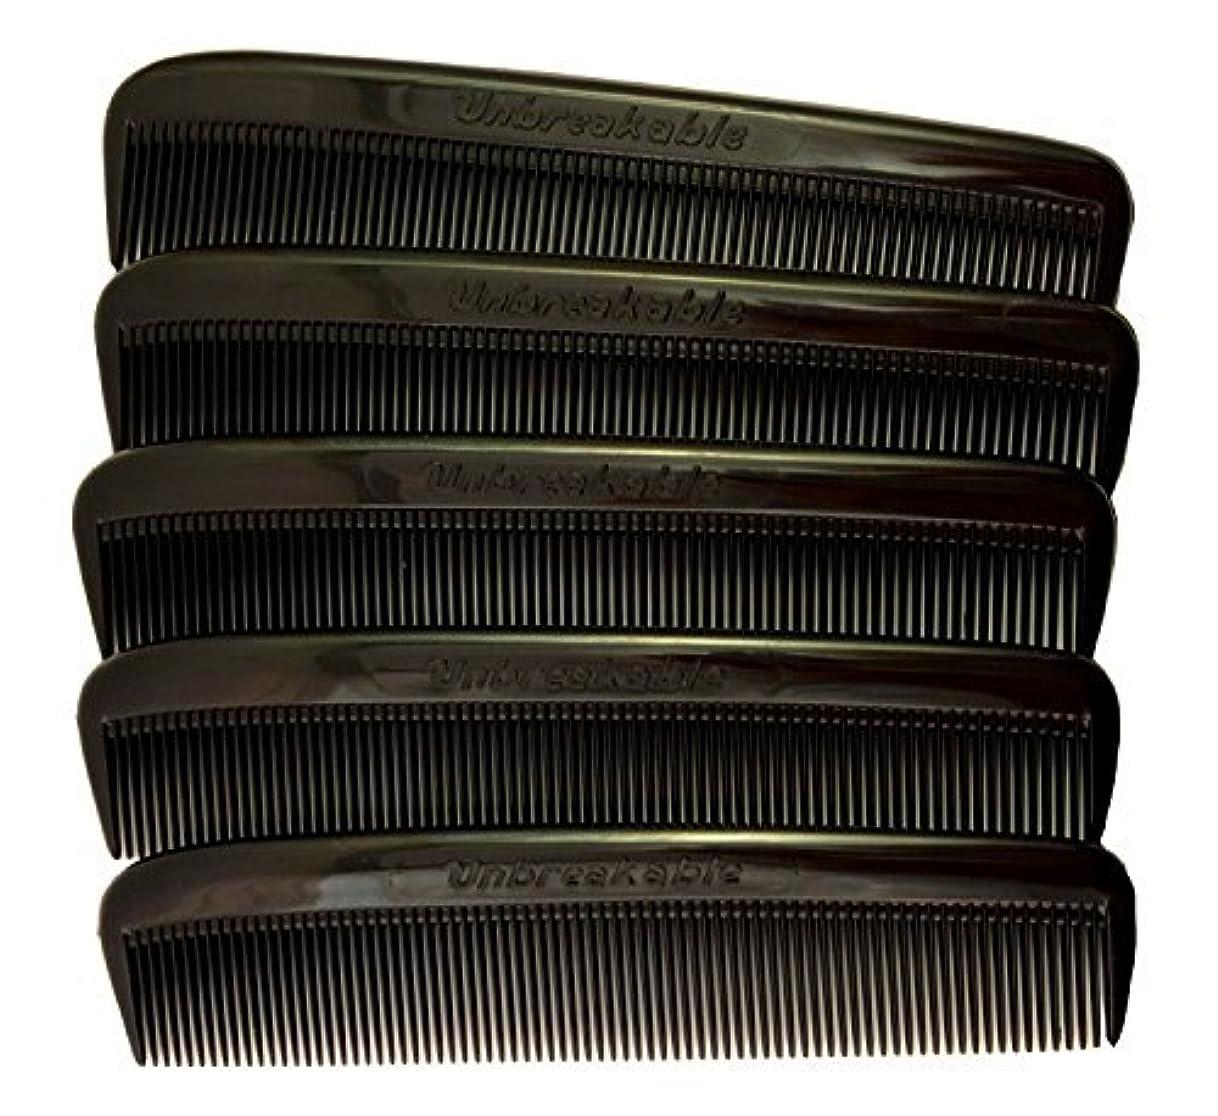 上陸助けになる悪性腫瘍Set of 25 Clipper-mate Pocket Combs 5